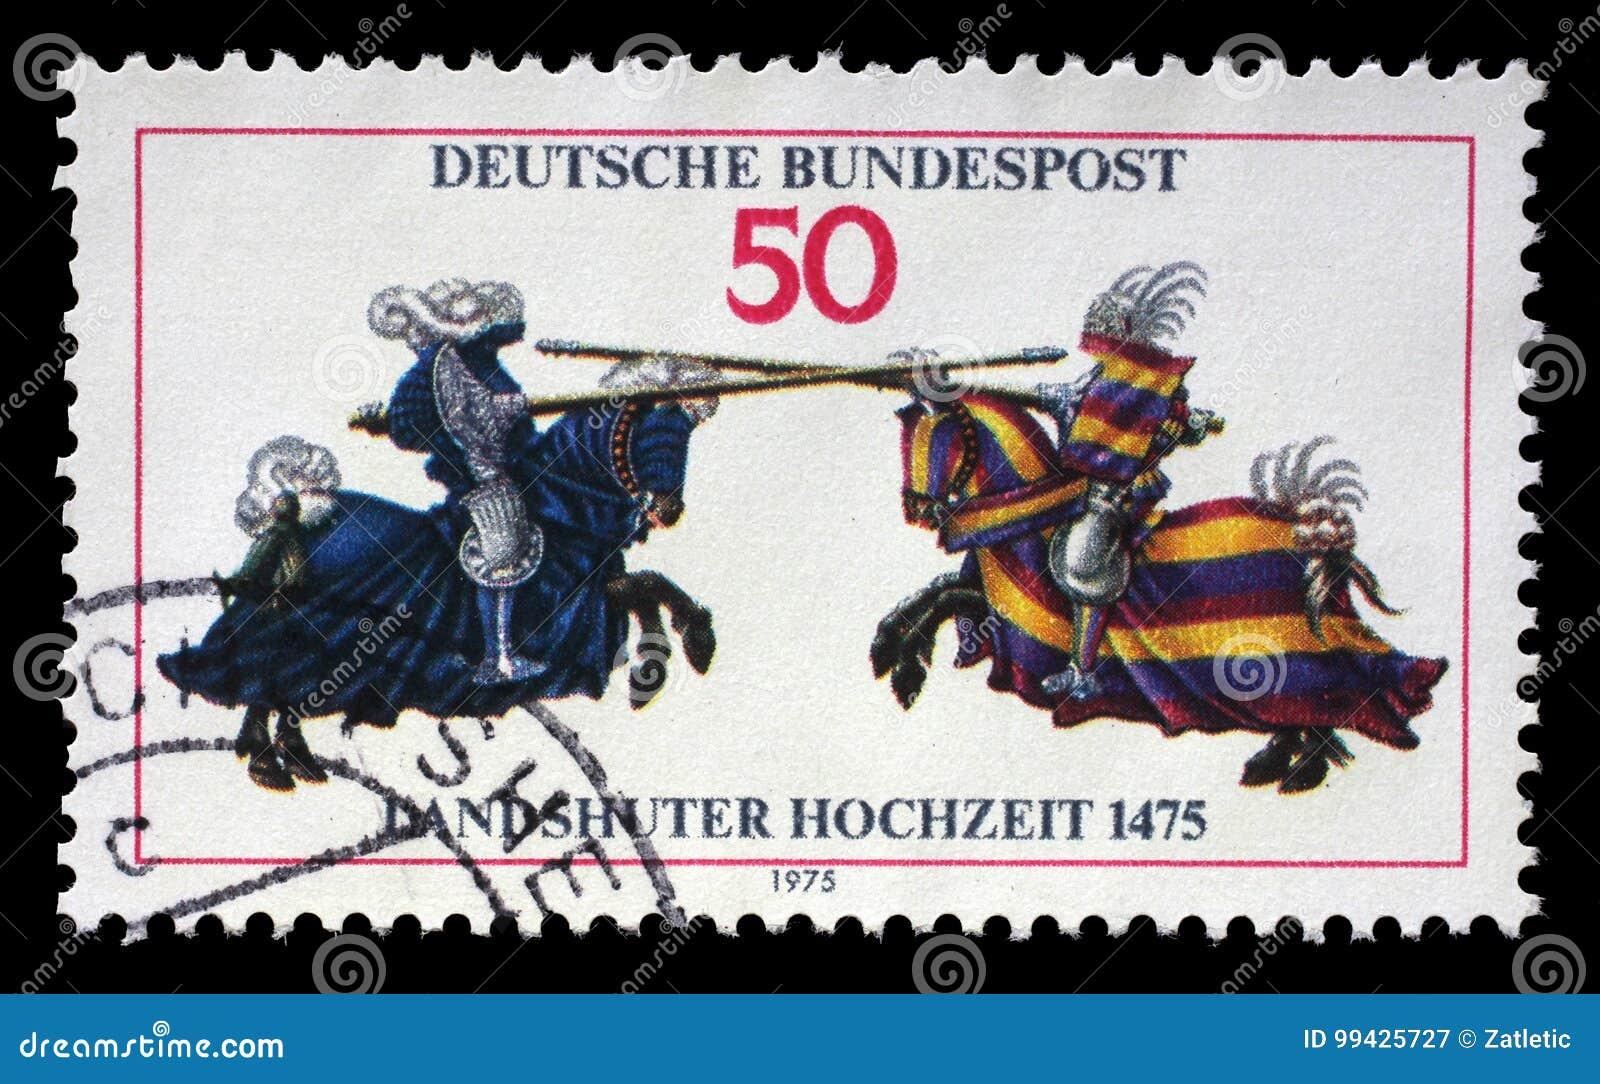 Il bollo stampato in Germania mostra la giostra, dal libro Jousting di William IV